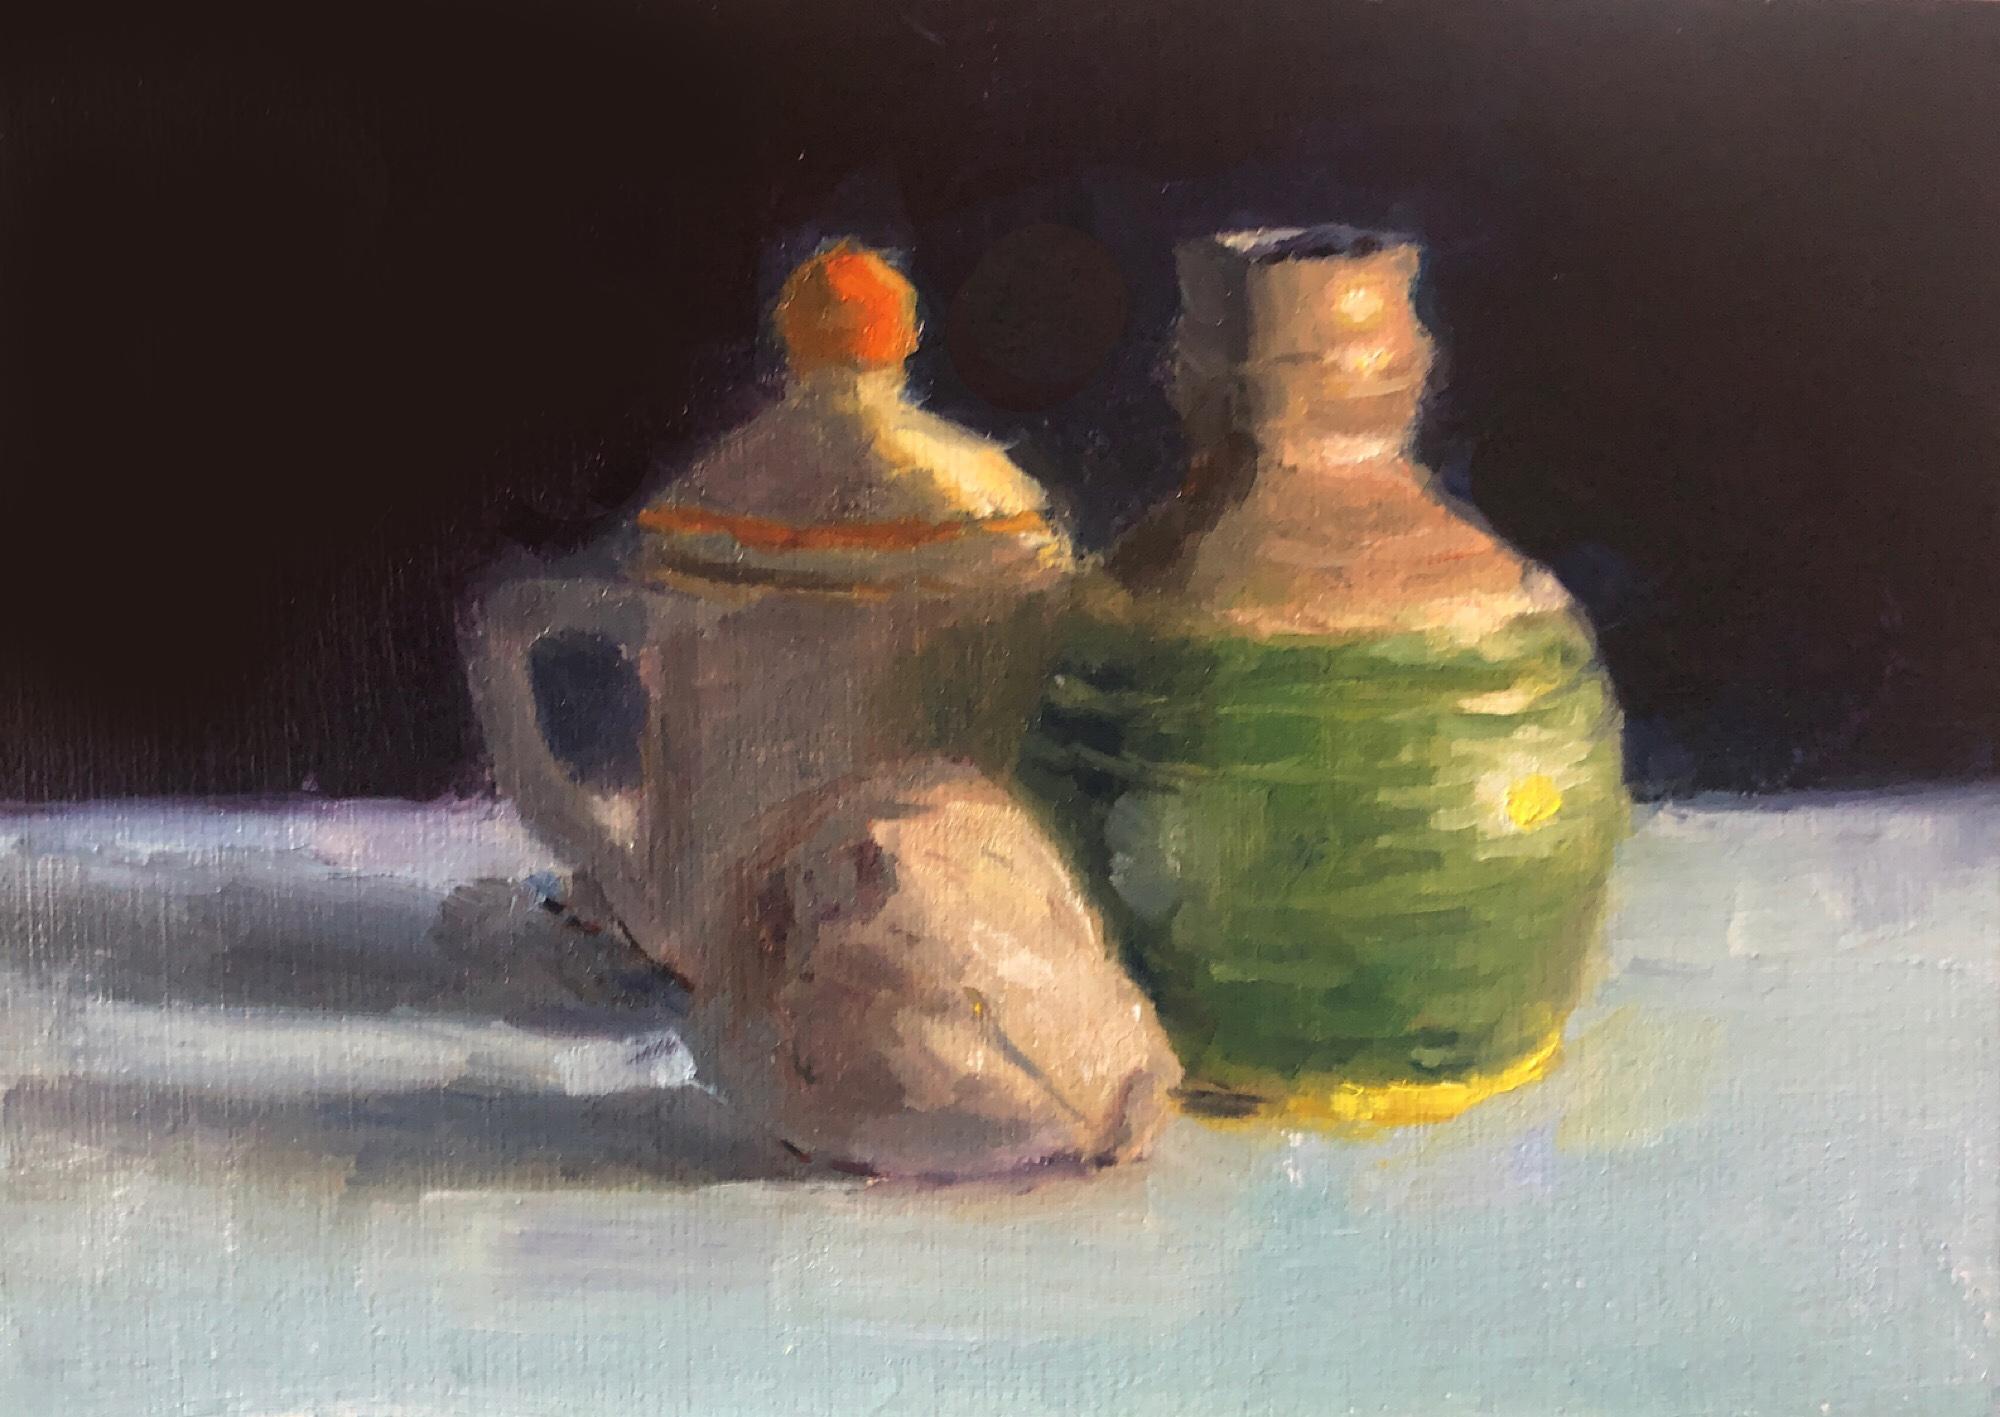 """Geoff Watson, """"Garlic & pottery (in progress),"""" day 2, oil on linen, 5"""" x 7,"""" 2019."""